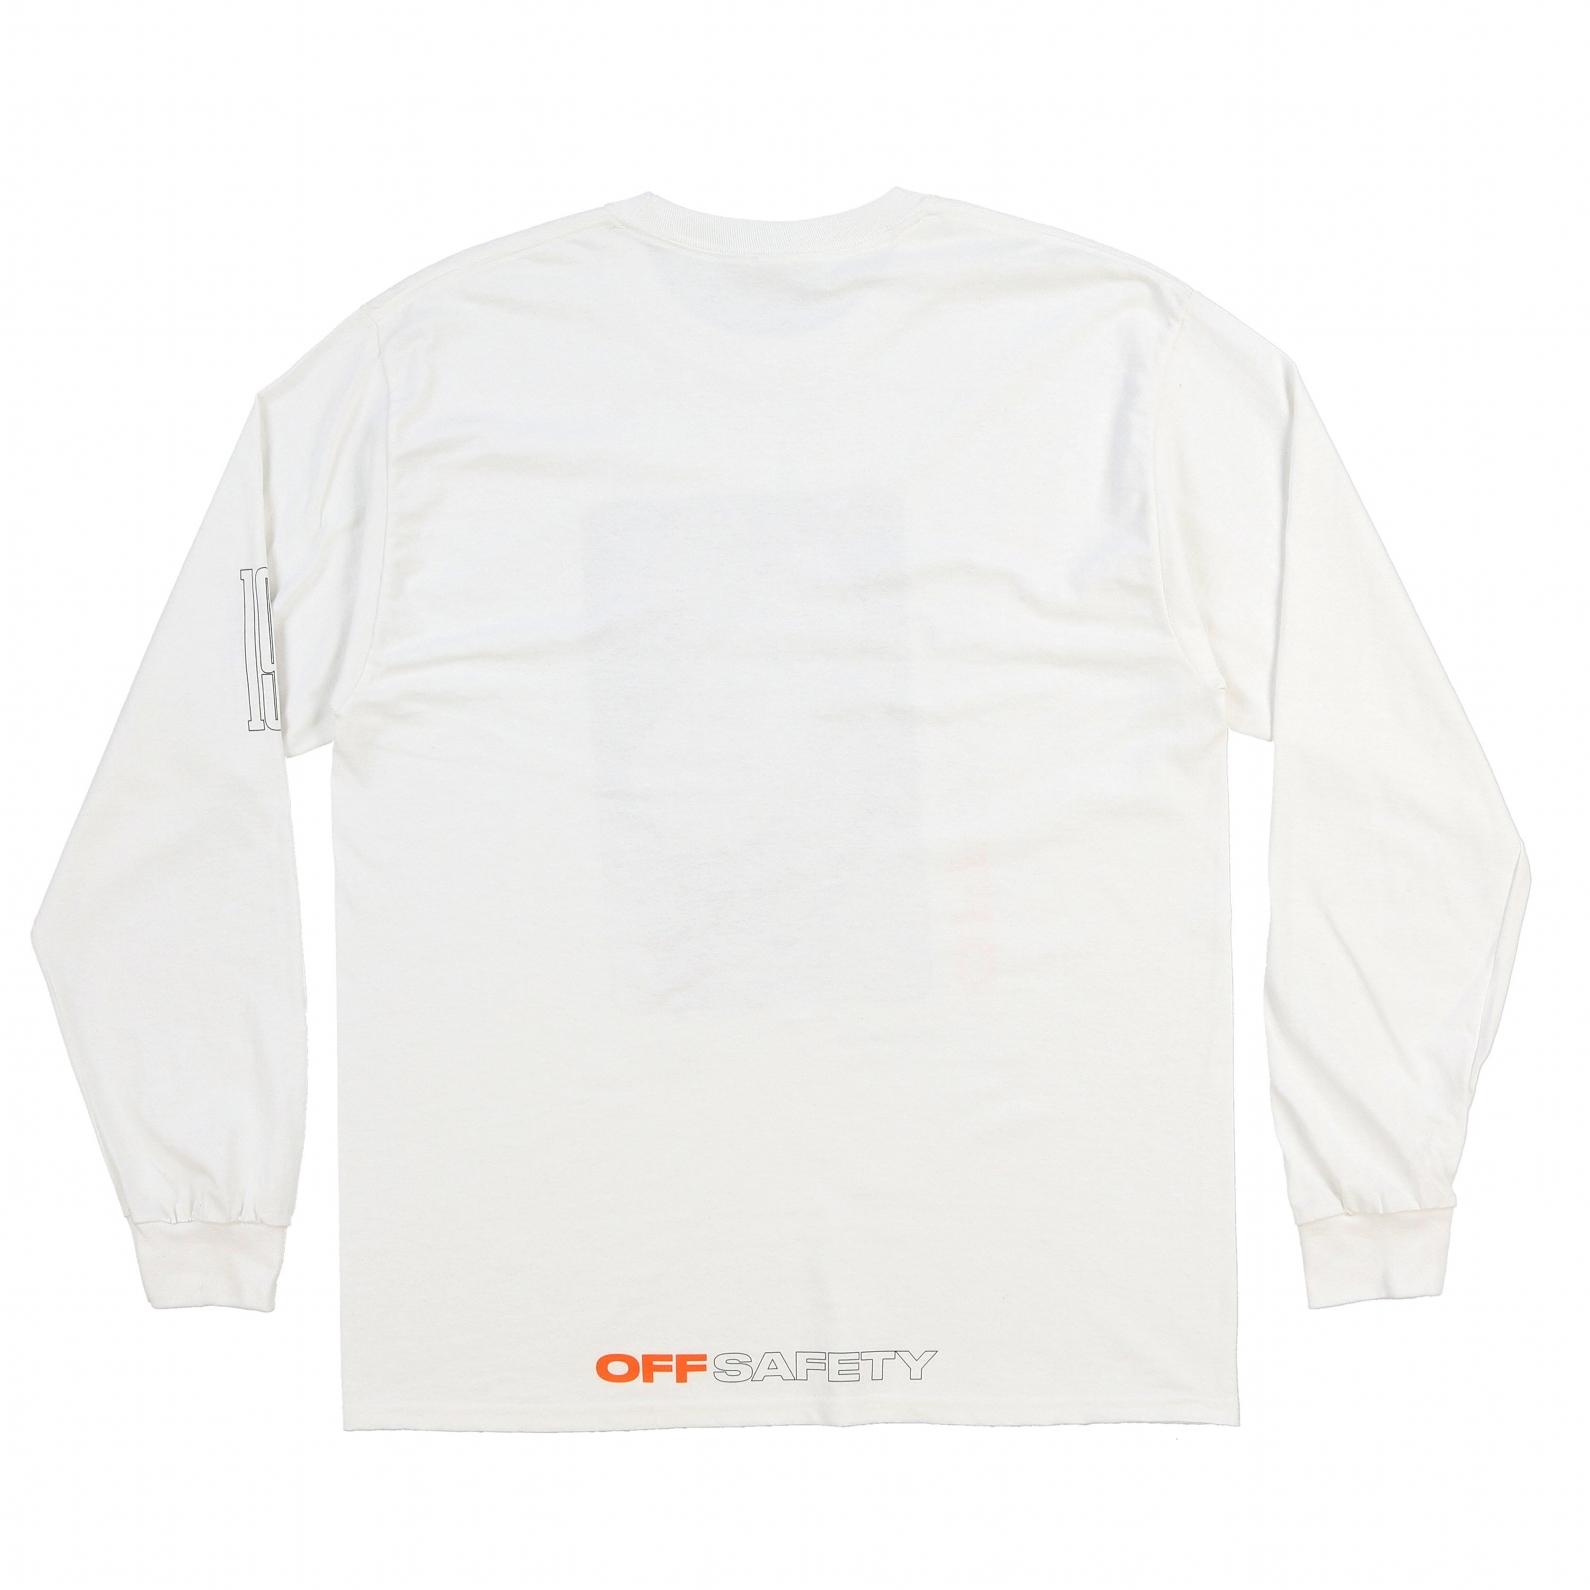 【OFF SAFETY/オフセーフティー】AALIYAH MISS U LS TEE 長袖Tシャツ / WHITE